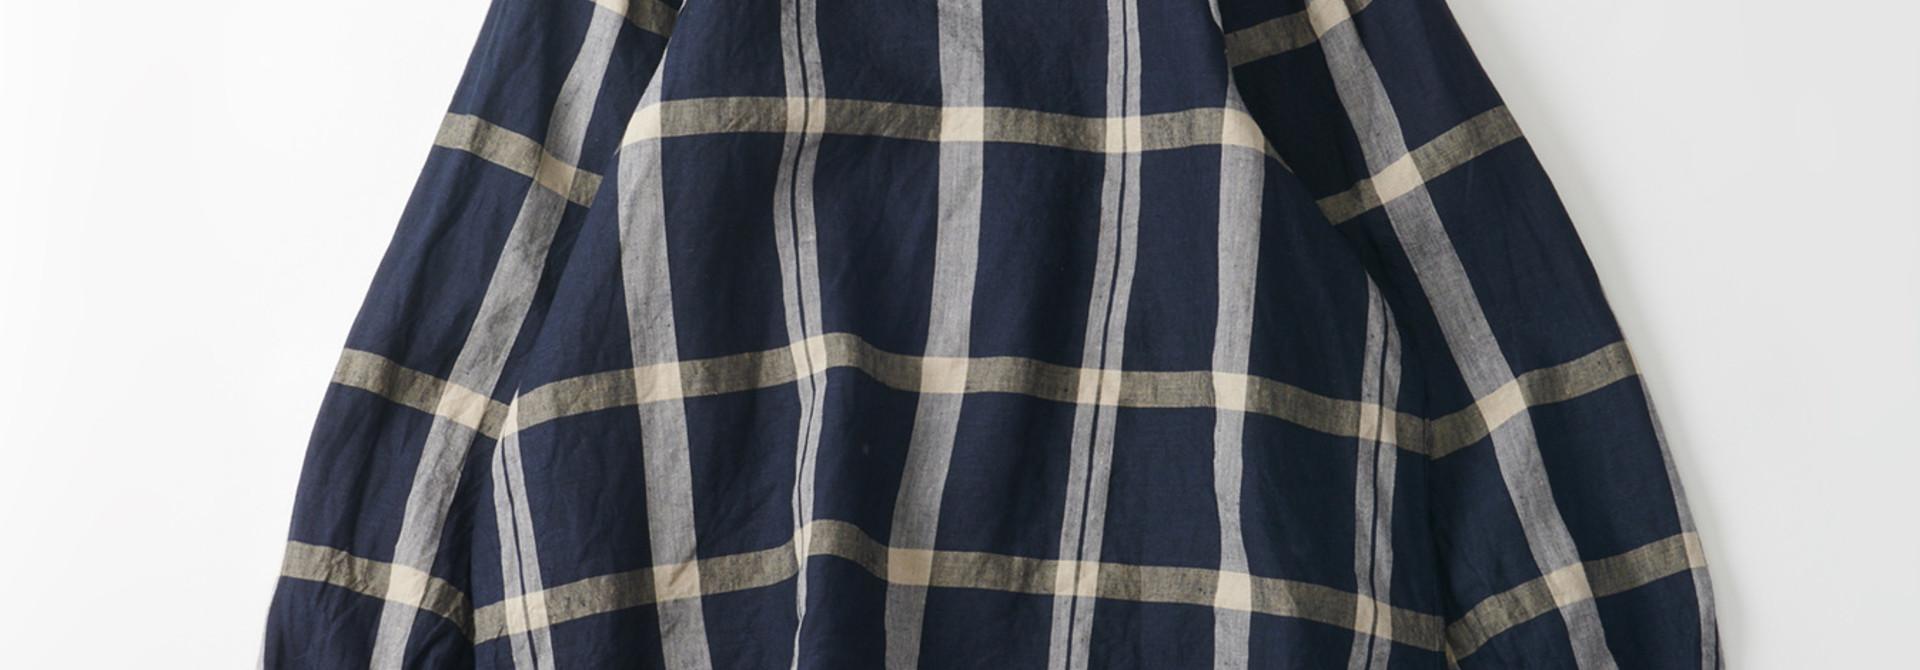 WH Linen 4545 Check Blouse